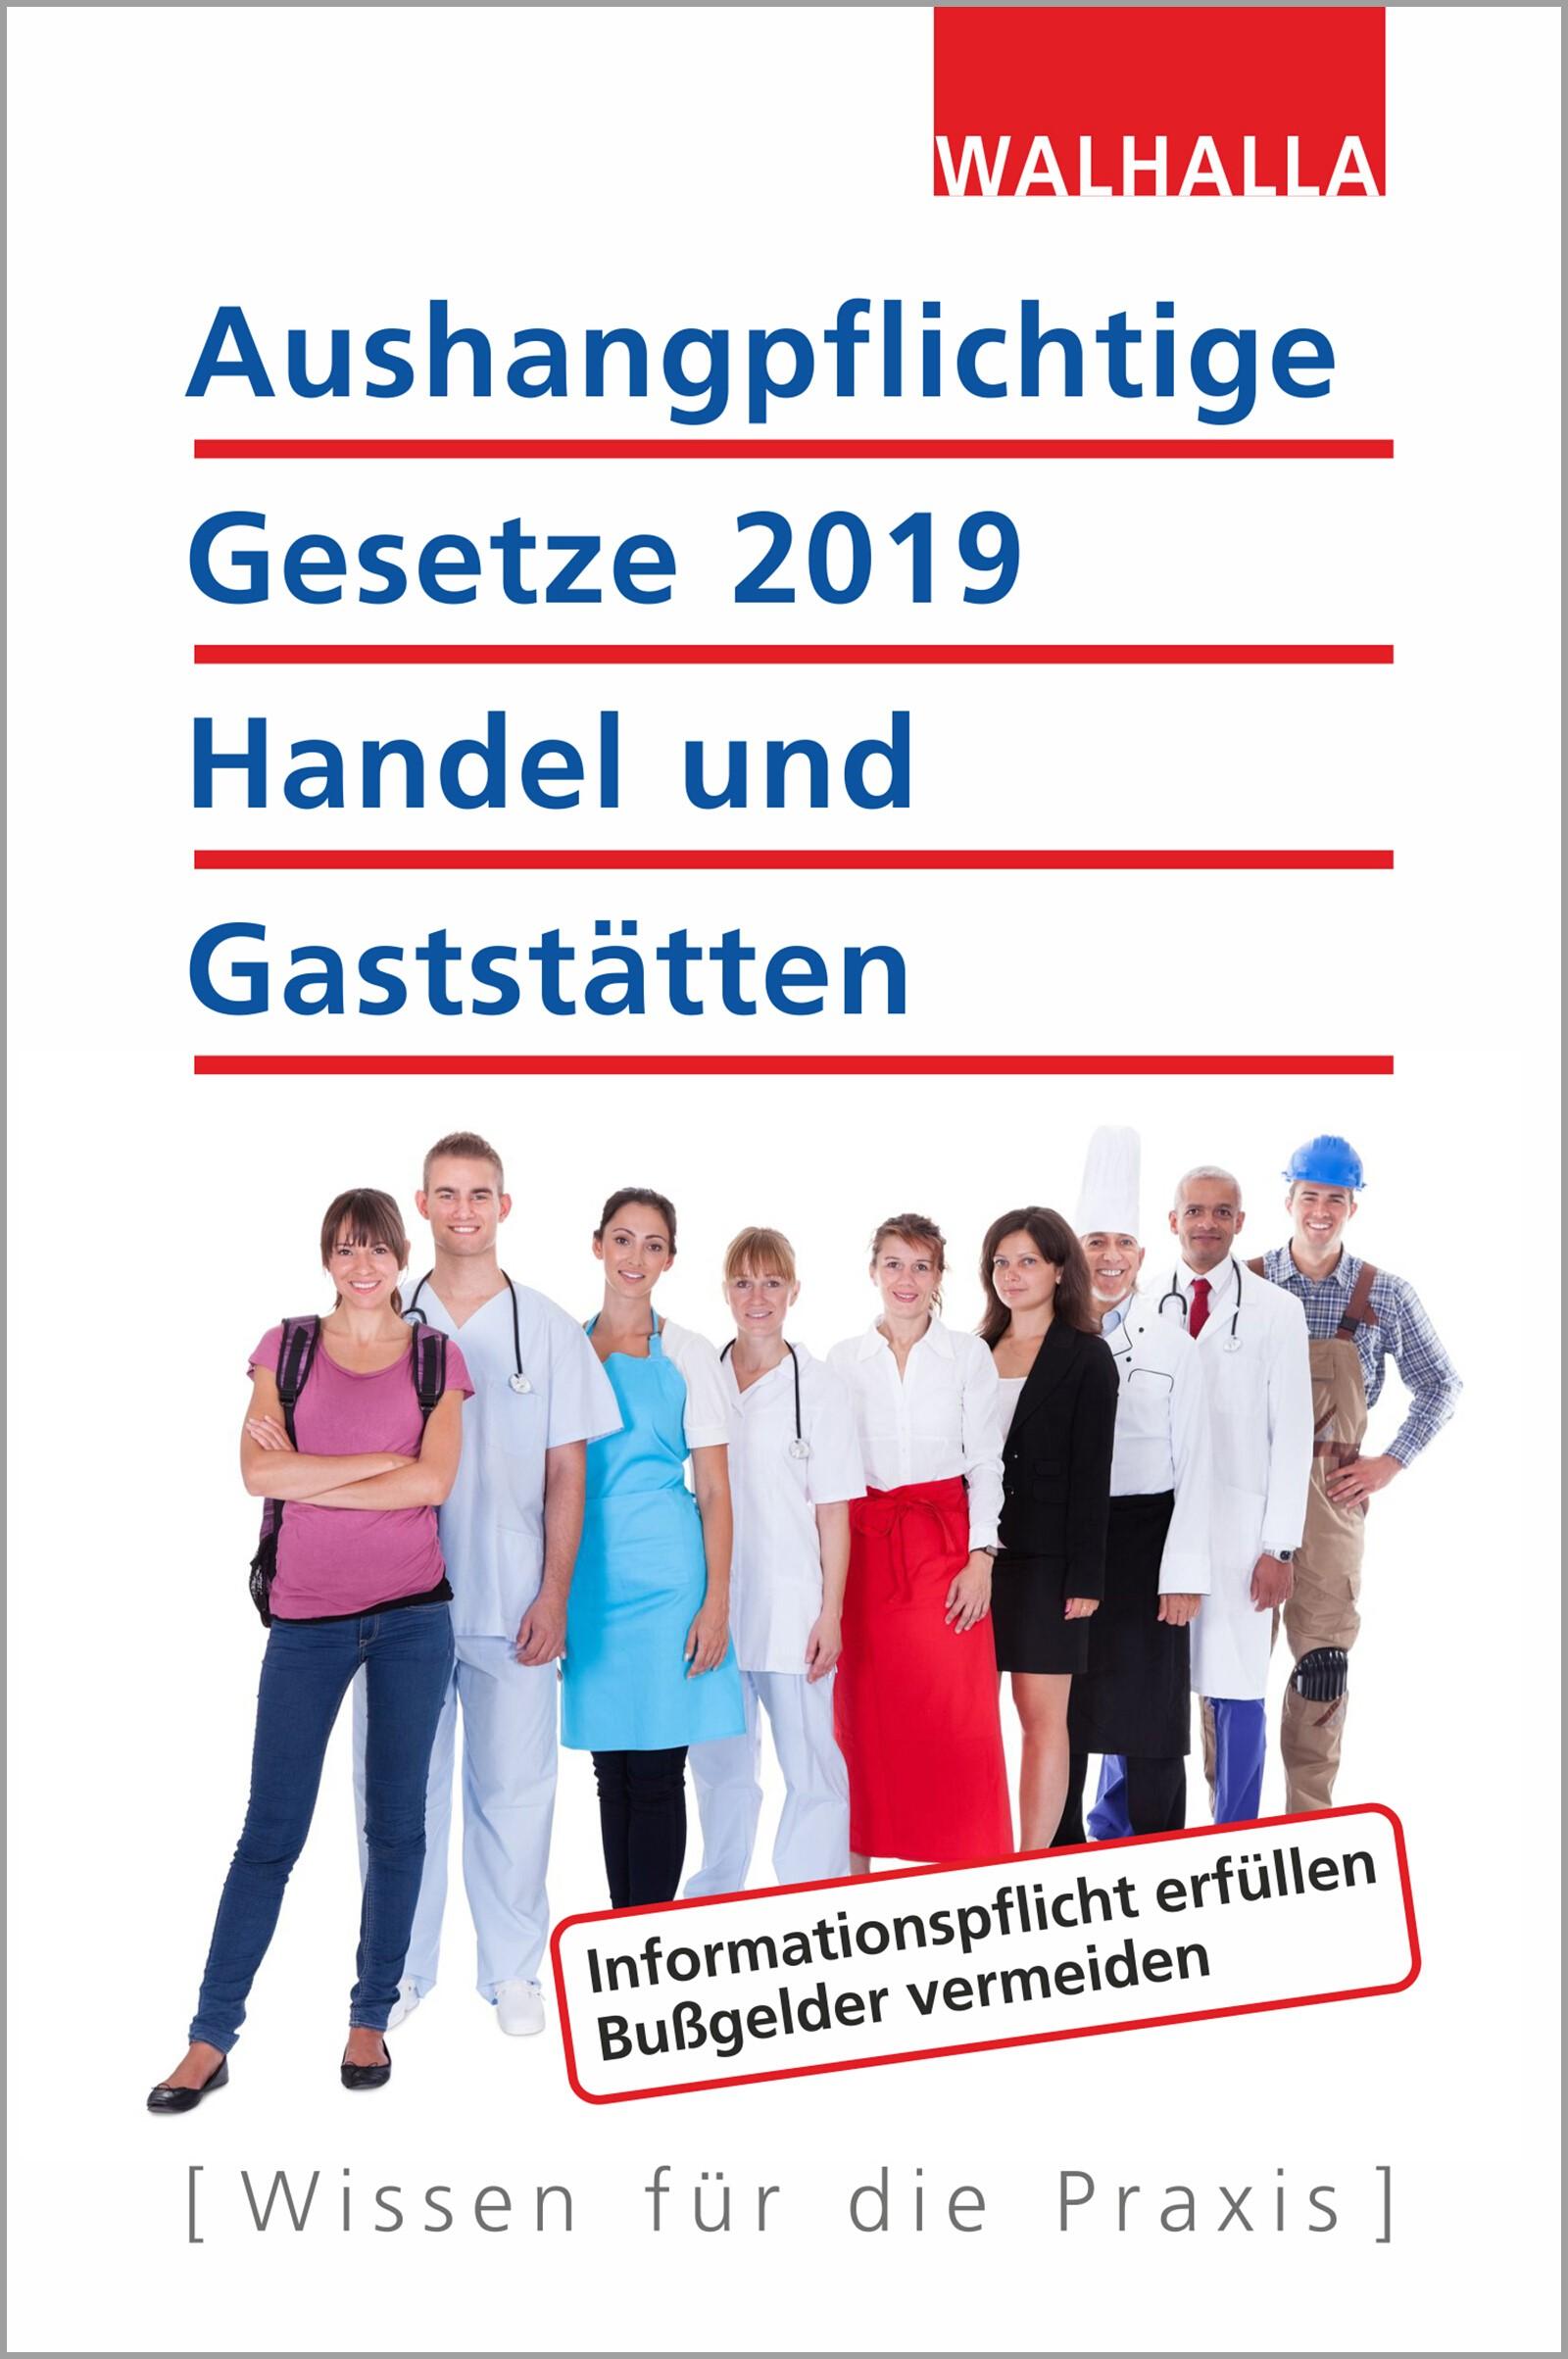 Aushangpflichtige Gesetze 2019 Handel und Gaststätten | Walhalla Fachredaktion, 2018 | Buch (Cover)